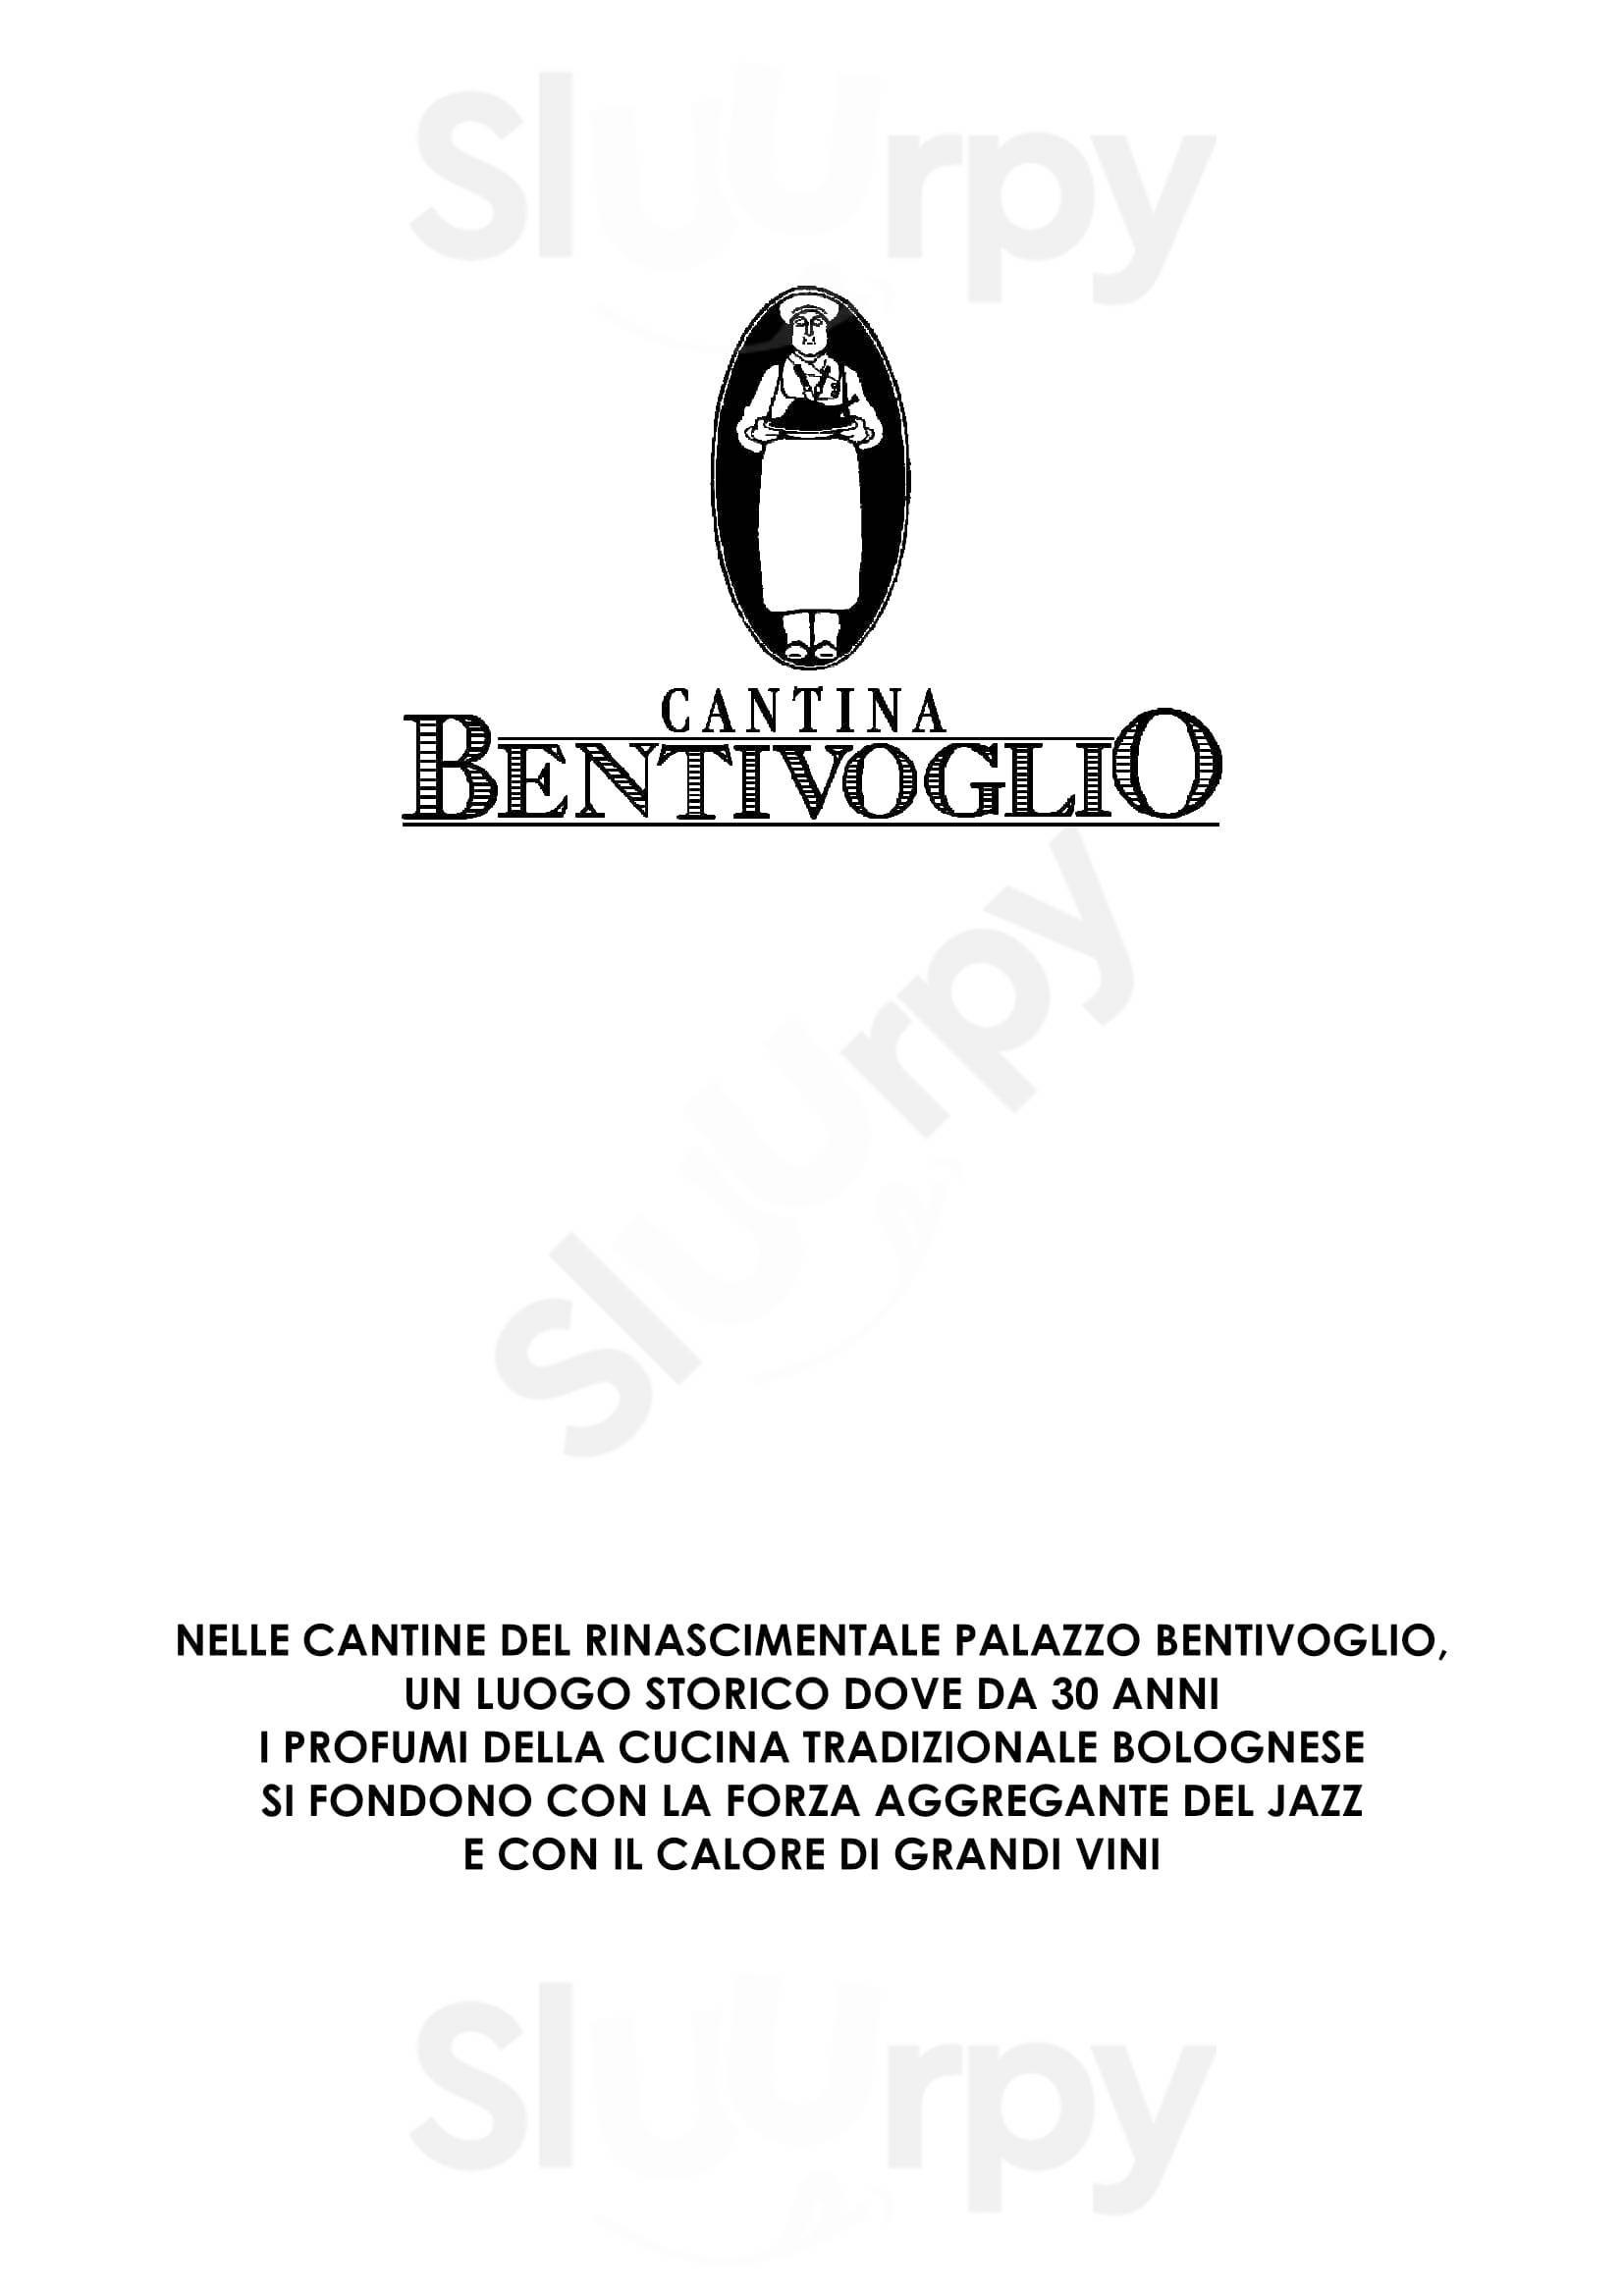 Cantina Bentivoglio Bologna menù 1 pagina